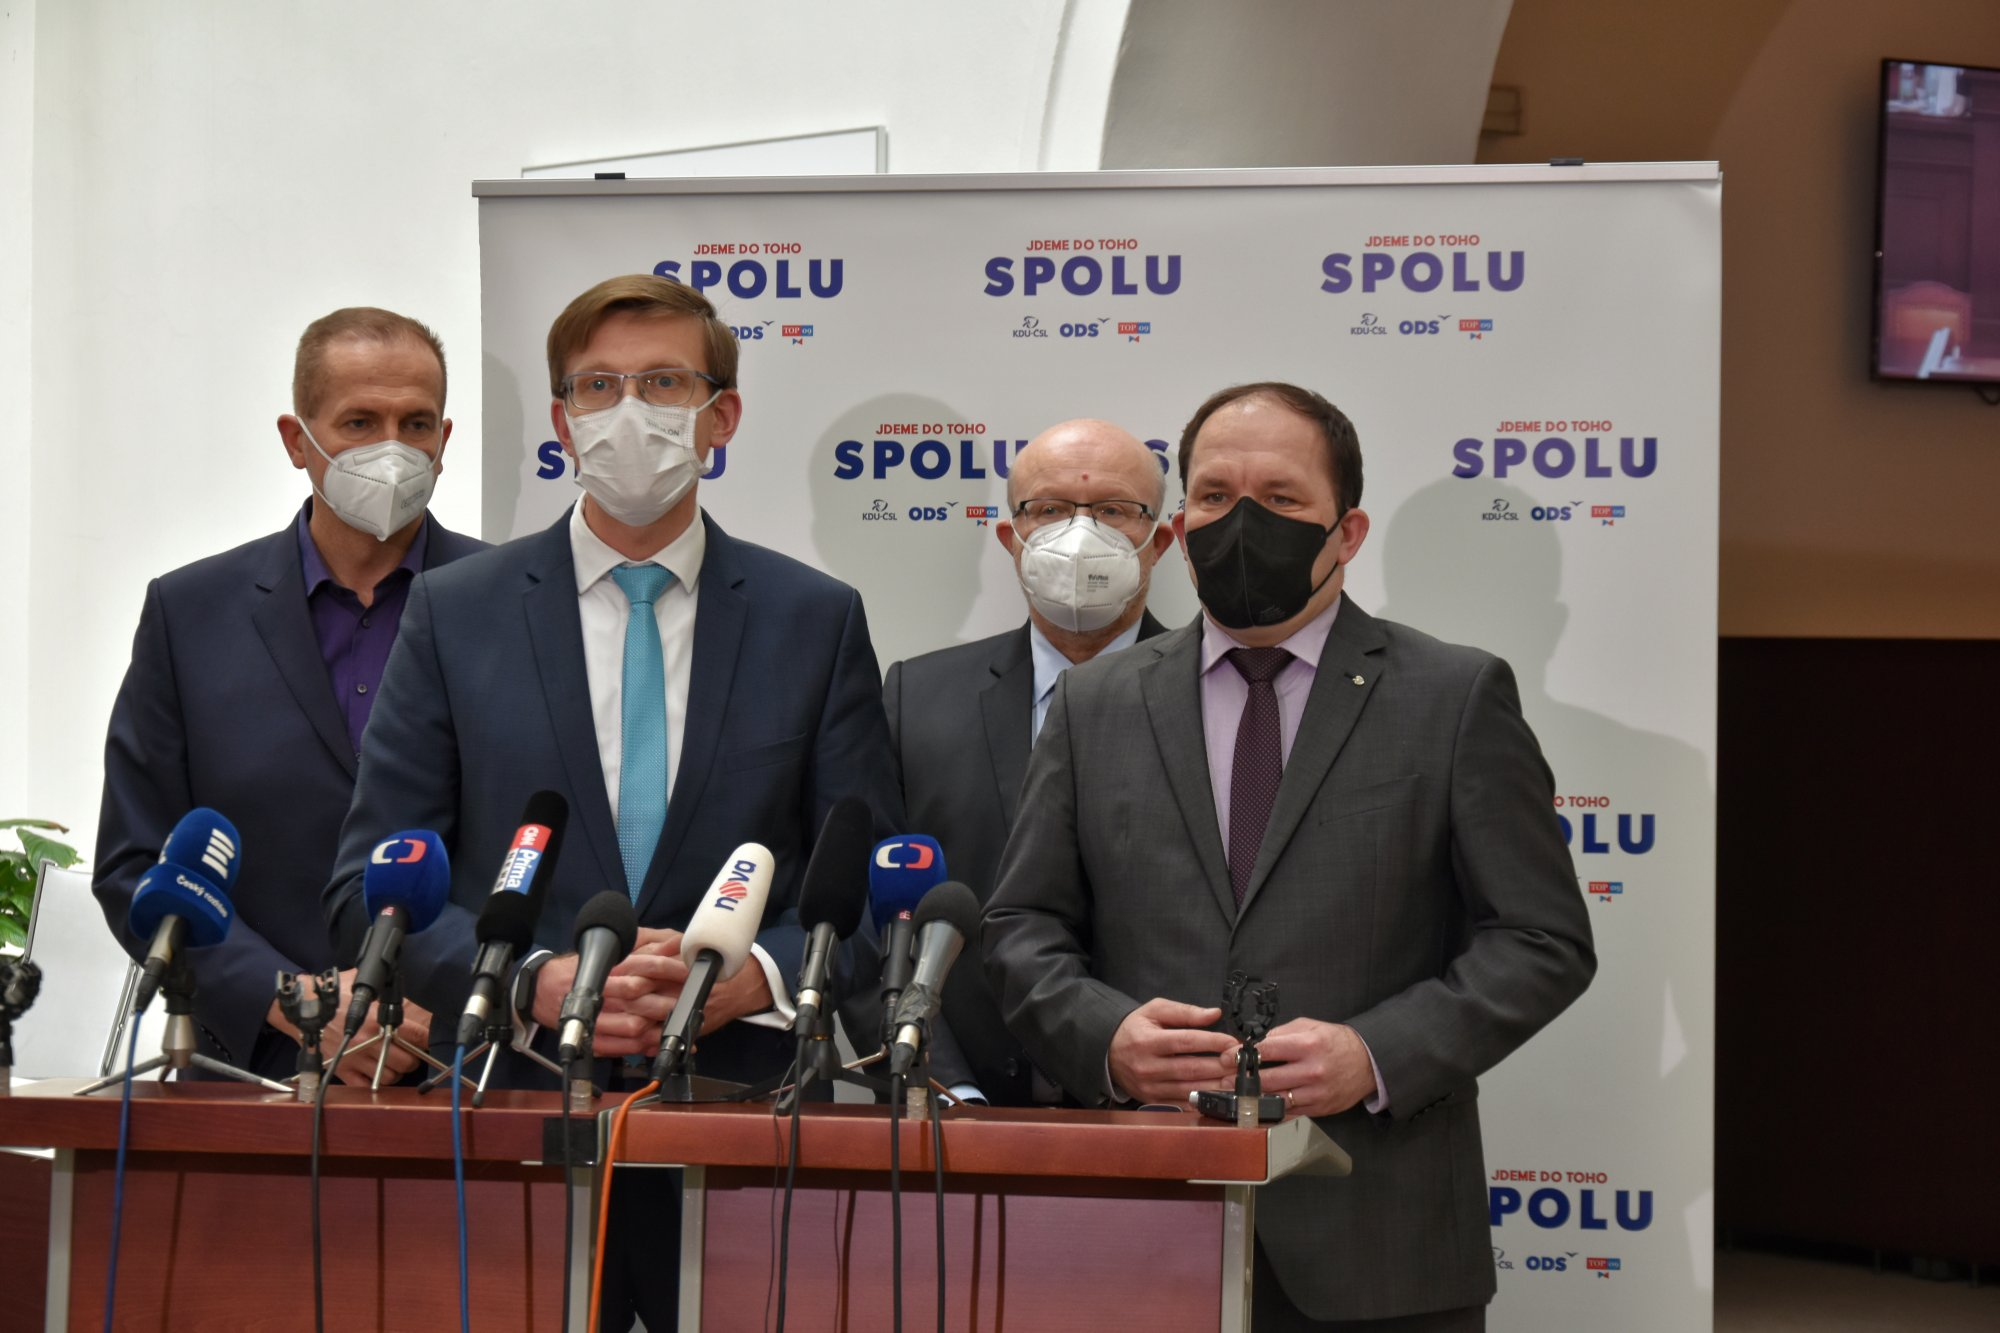 AntiCovid tým: Vyzýváme vládu k mobilizaci českého zdravotnictví. V nestátním sektoru zdravotnictví jsou desítky až stovky volných JIP lůžek